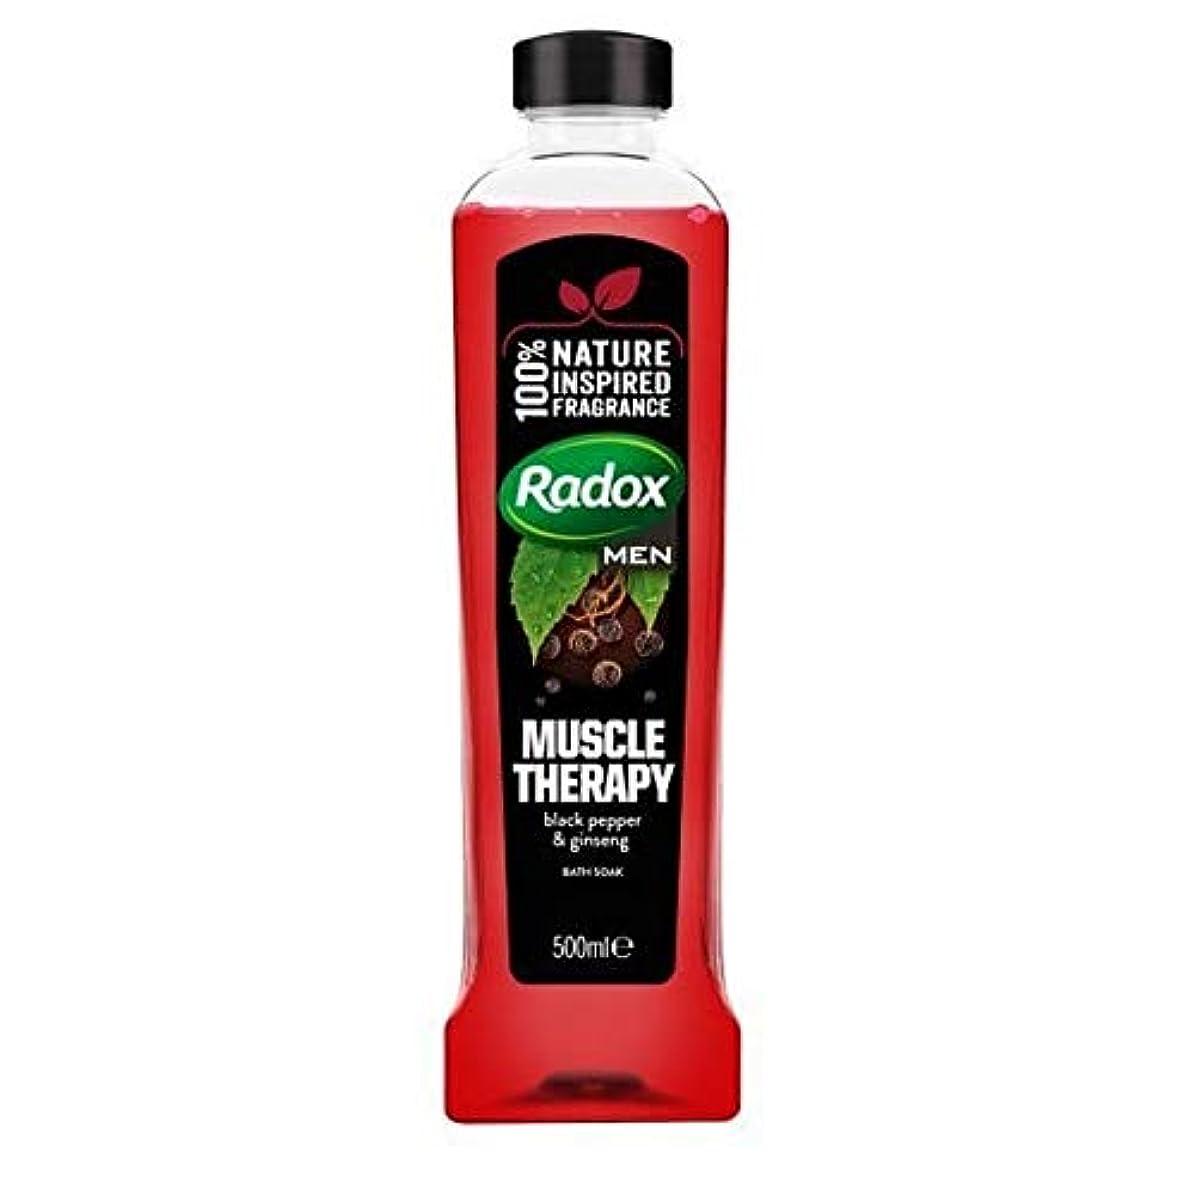 不足協力それら[Radox] Radoxは、500ミリリットルのソーク良い香り筋肉の治療風呂を感じます - Radox Feel Good Fragrance Muscle Therapy Bath Soak 500ml [並行輸入品]